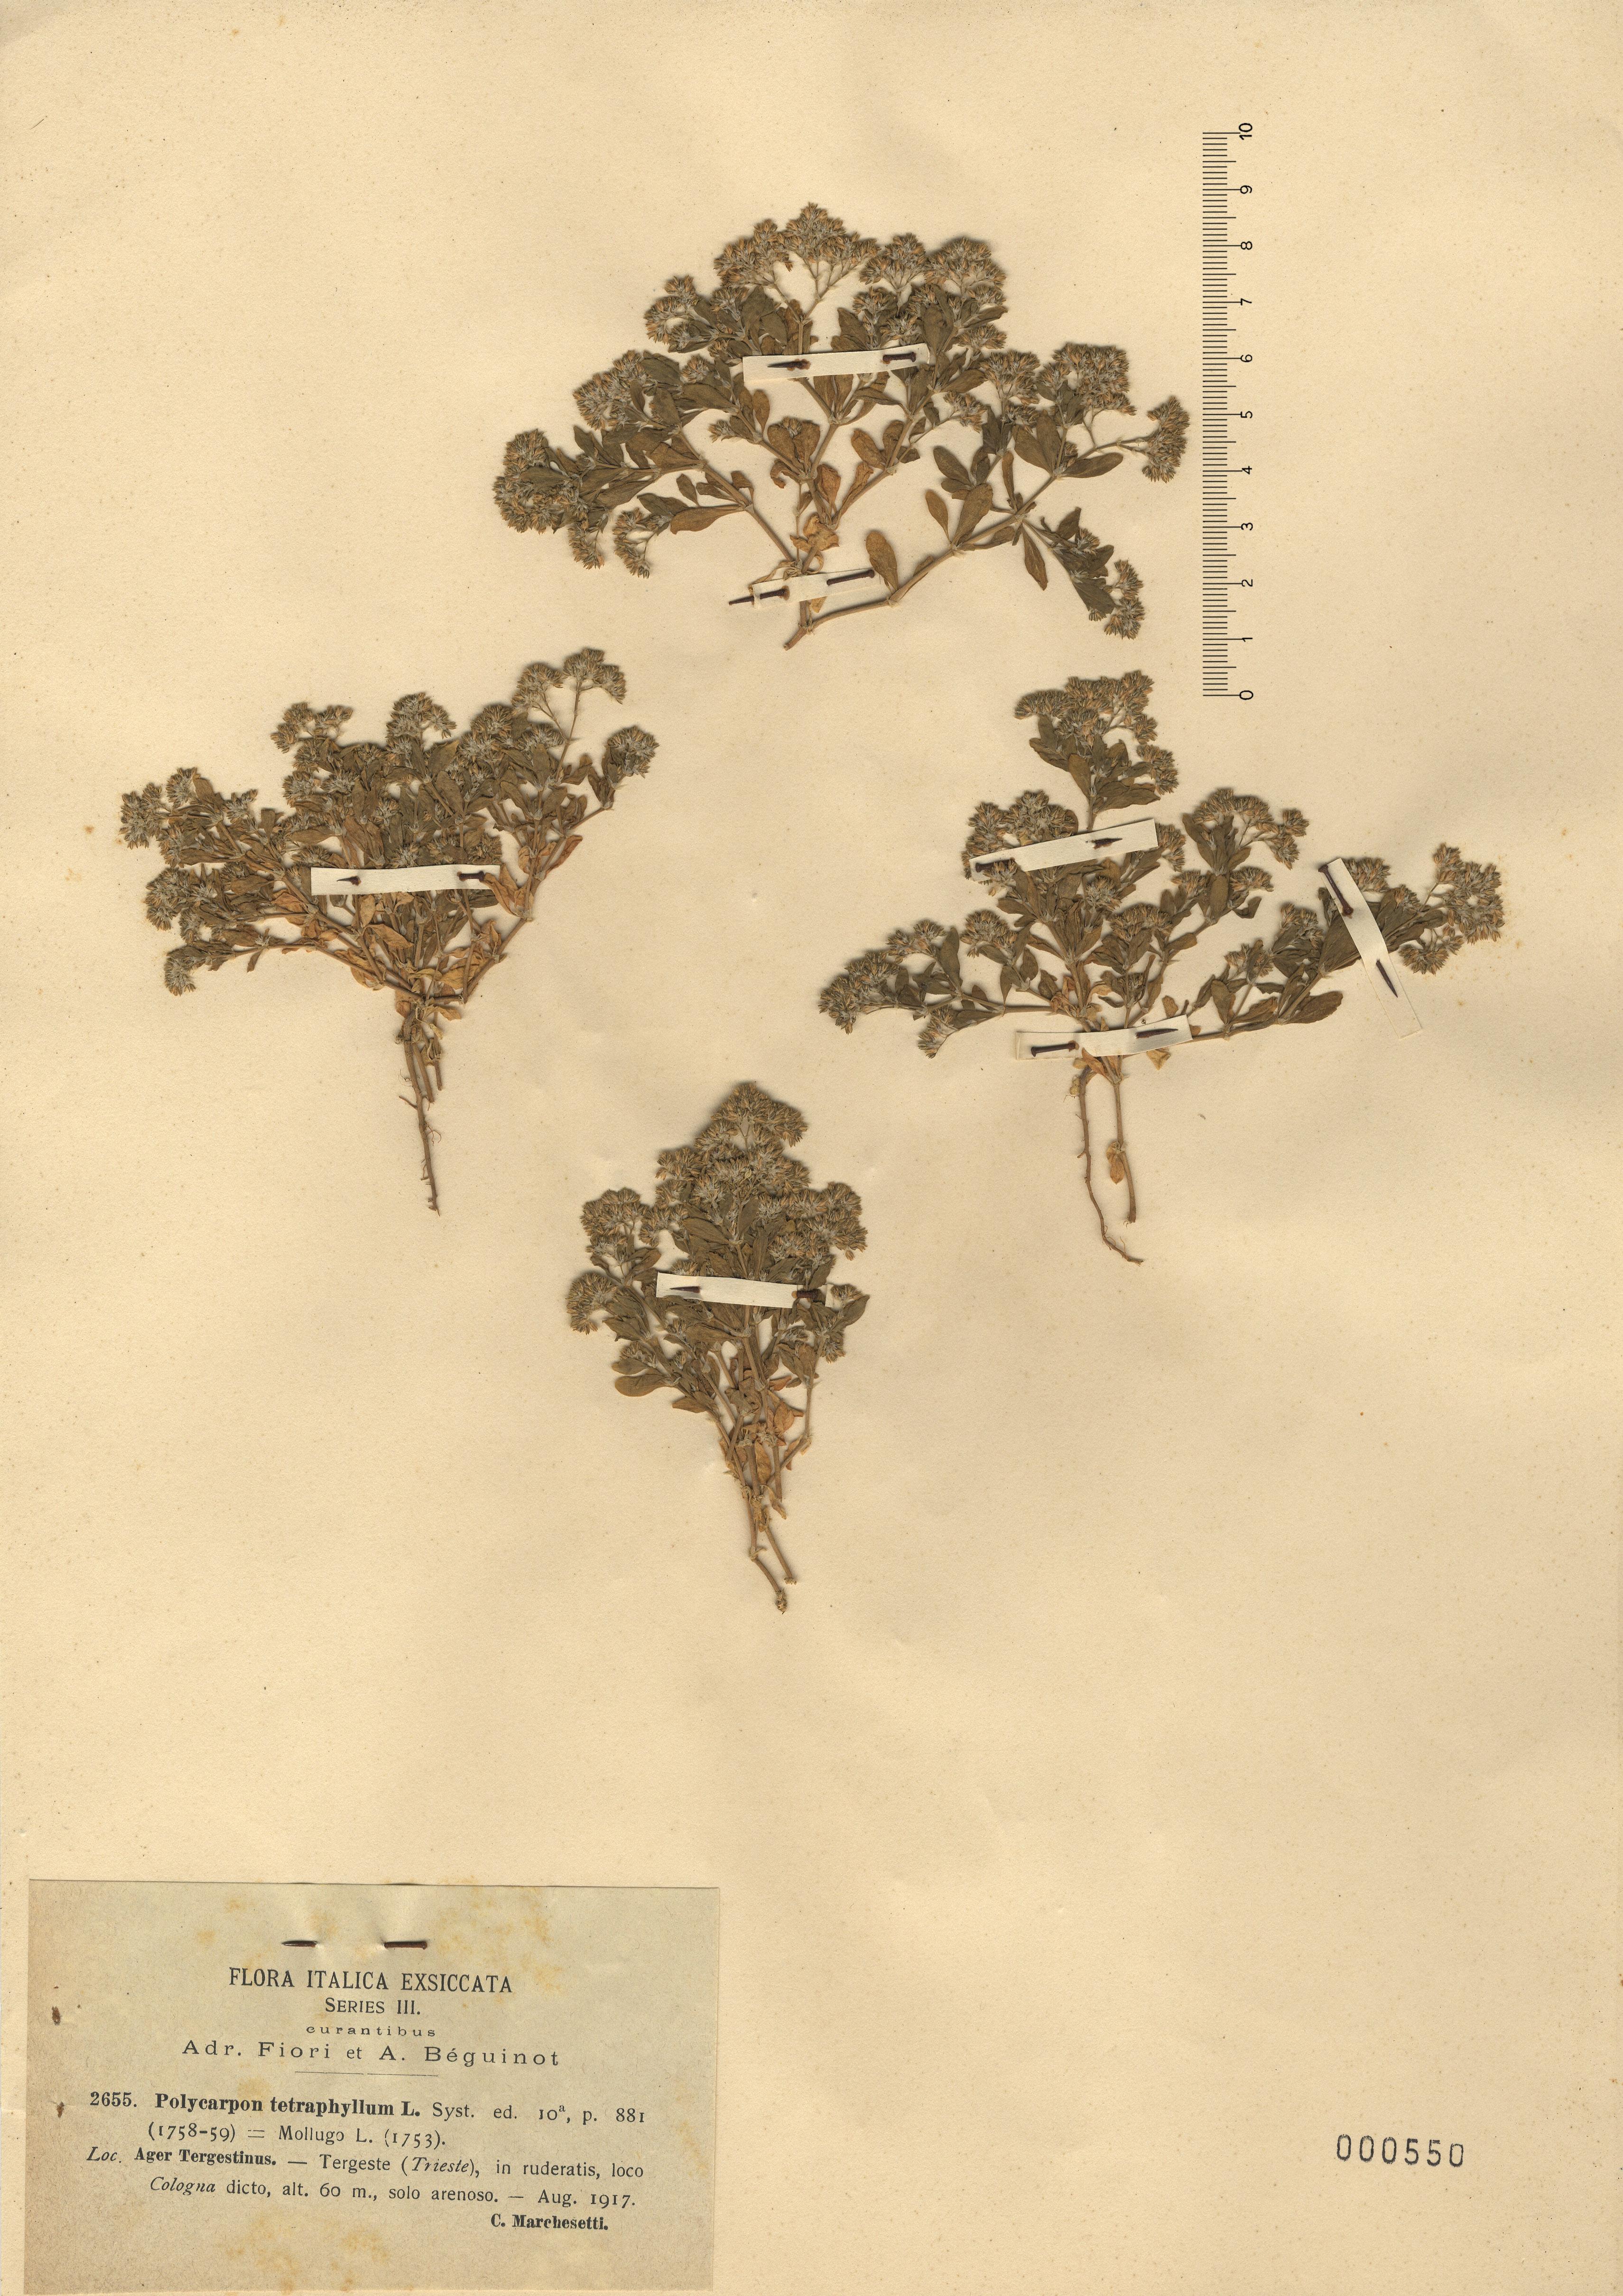 © Hortus Botanicus Catinensis - Herb. sheet 000550<br>